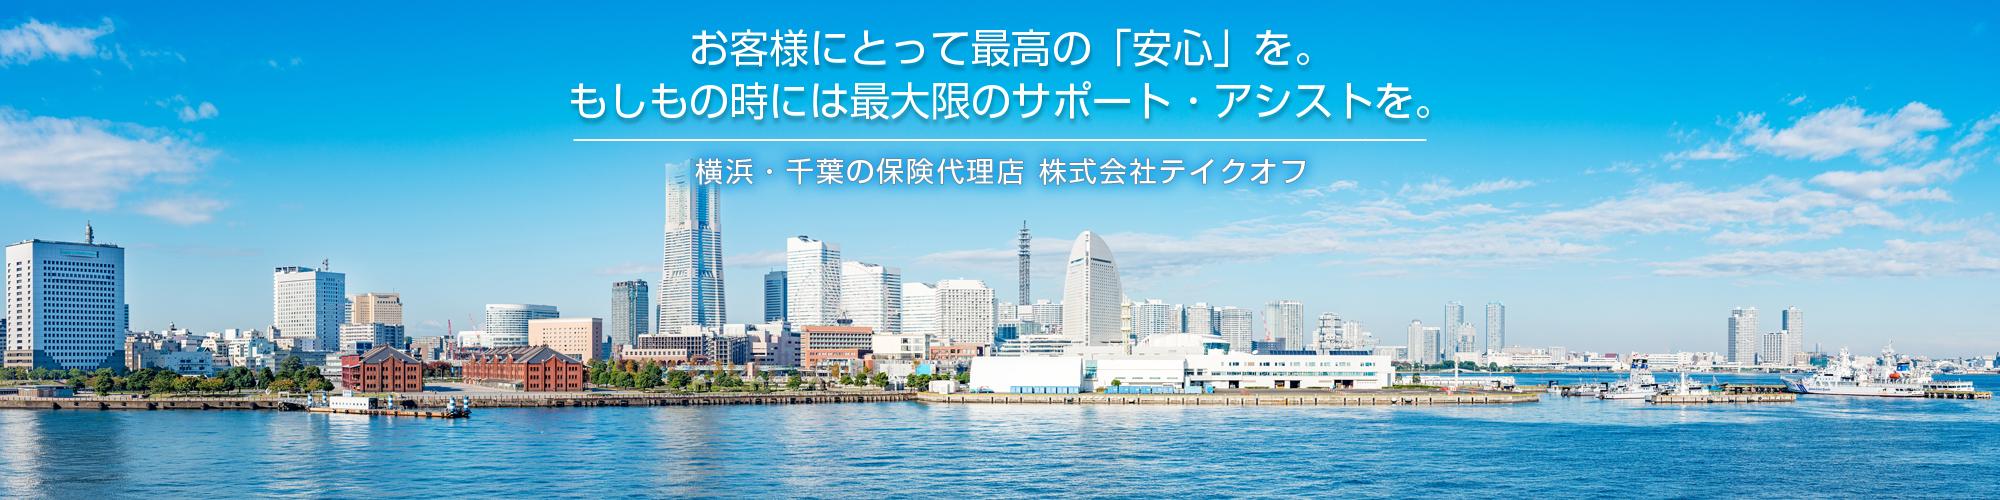 株式会社テイクオフ -横浜・千葉の保険代理店-